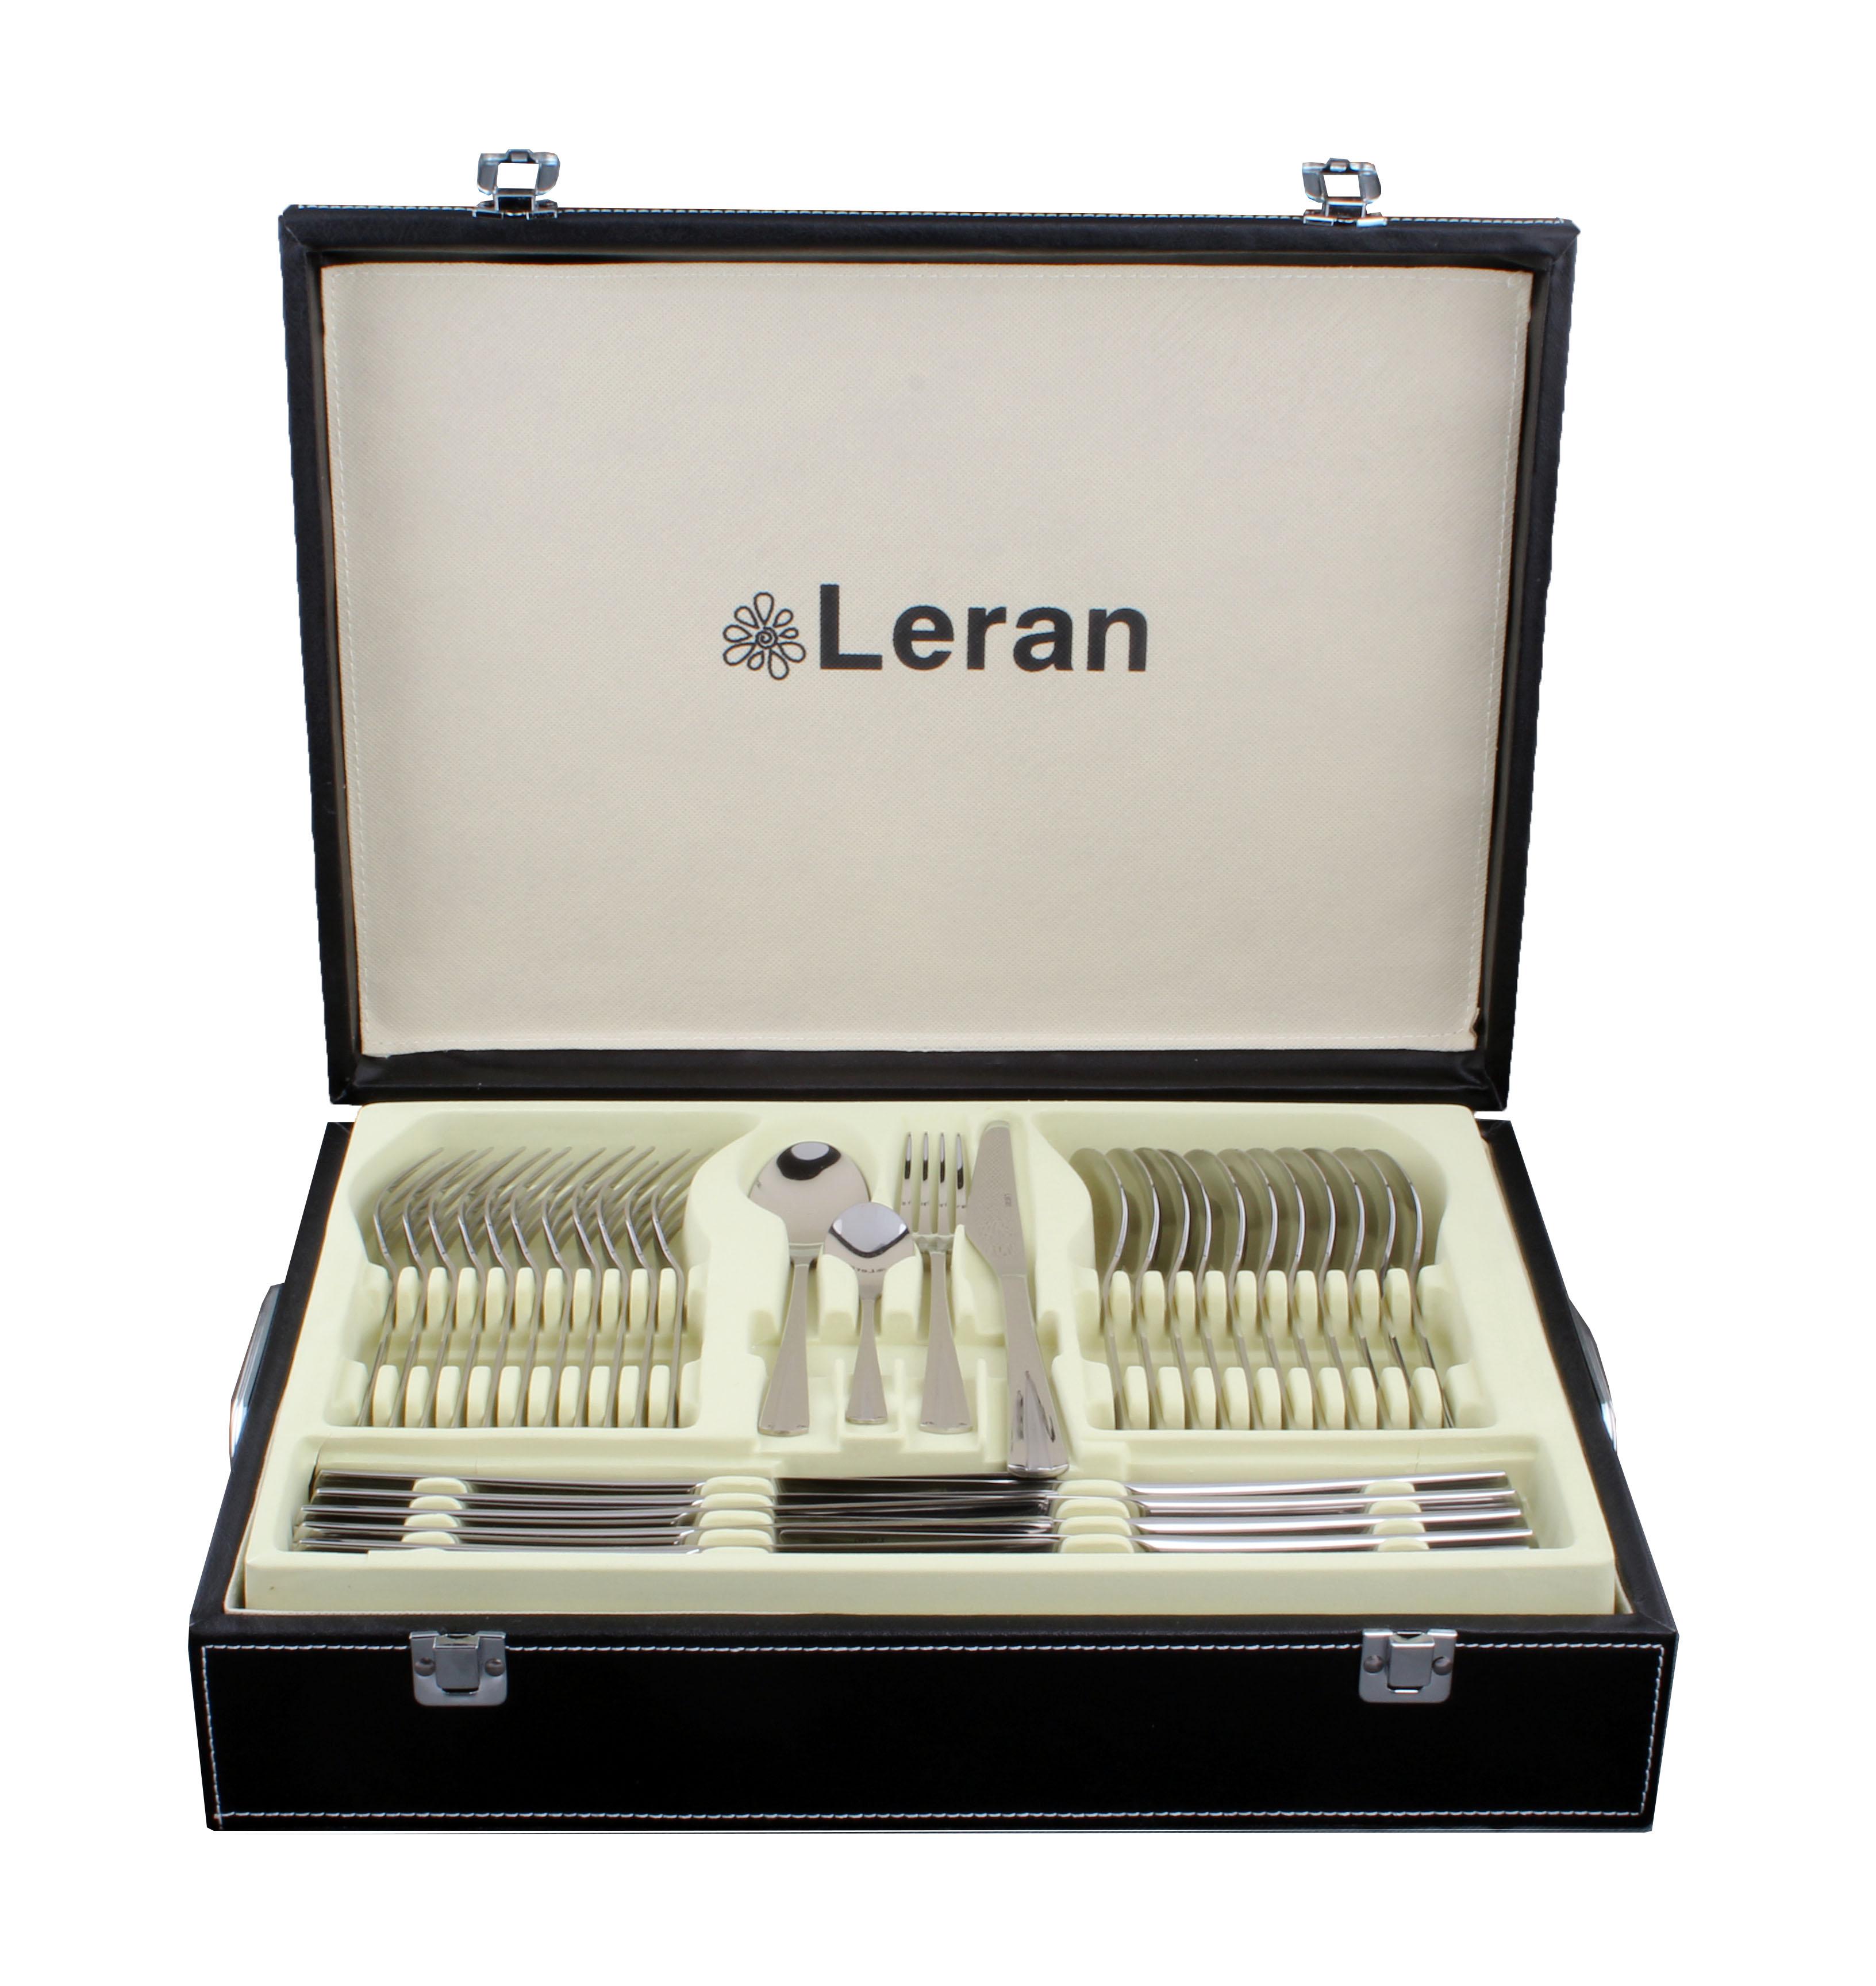 Наборы столовых приборов Leran Real Brand Technics 3999.000